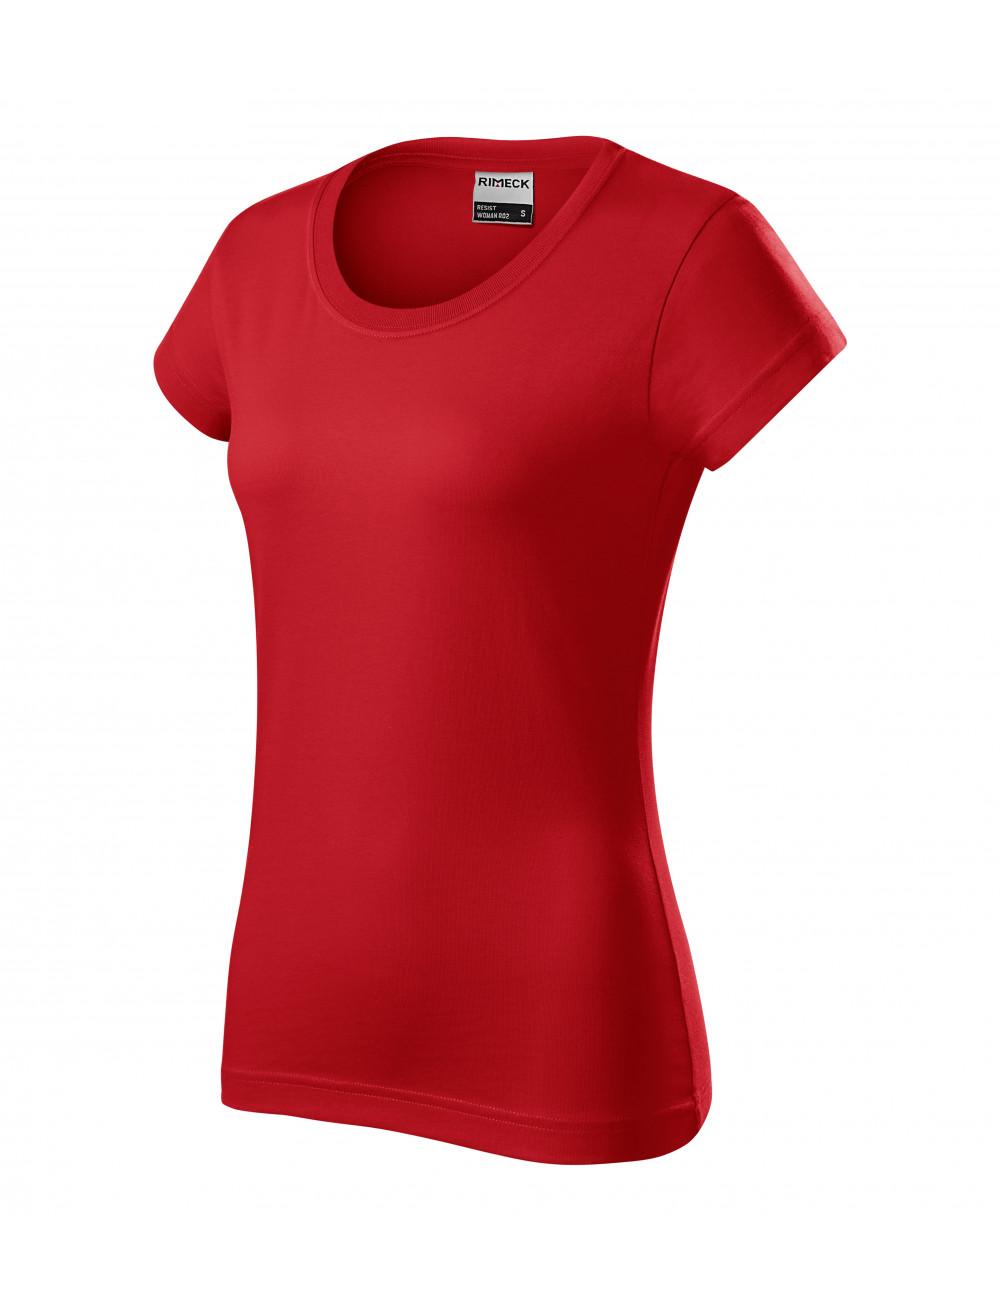 Adler RIMECK Koszulka damska Resist R02 czerwony